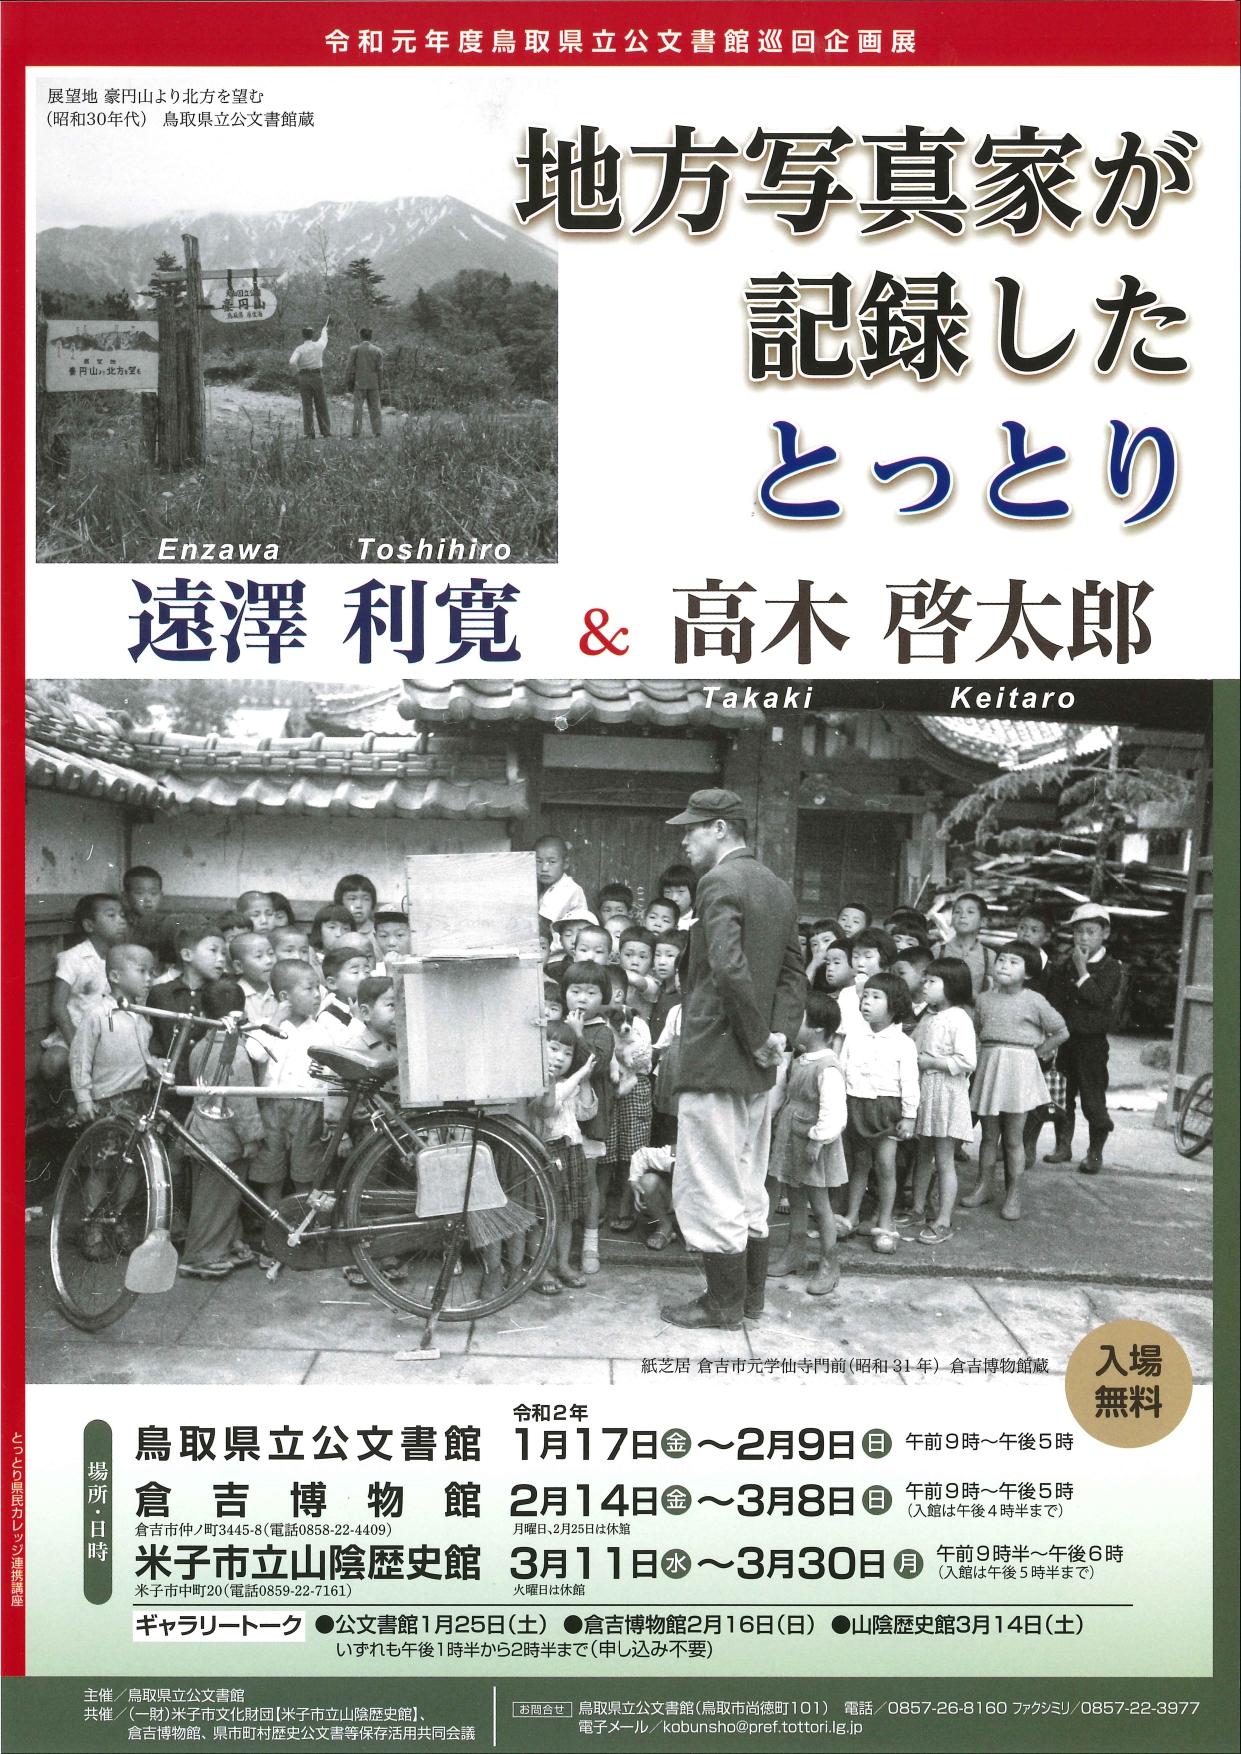 3月11日(水)〜3月30日(日)開催 鳥取県立公文書館巡回企画展「地方写真家が記録したとっとり 遠澤利寛&高木啓太郎」のご案内